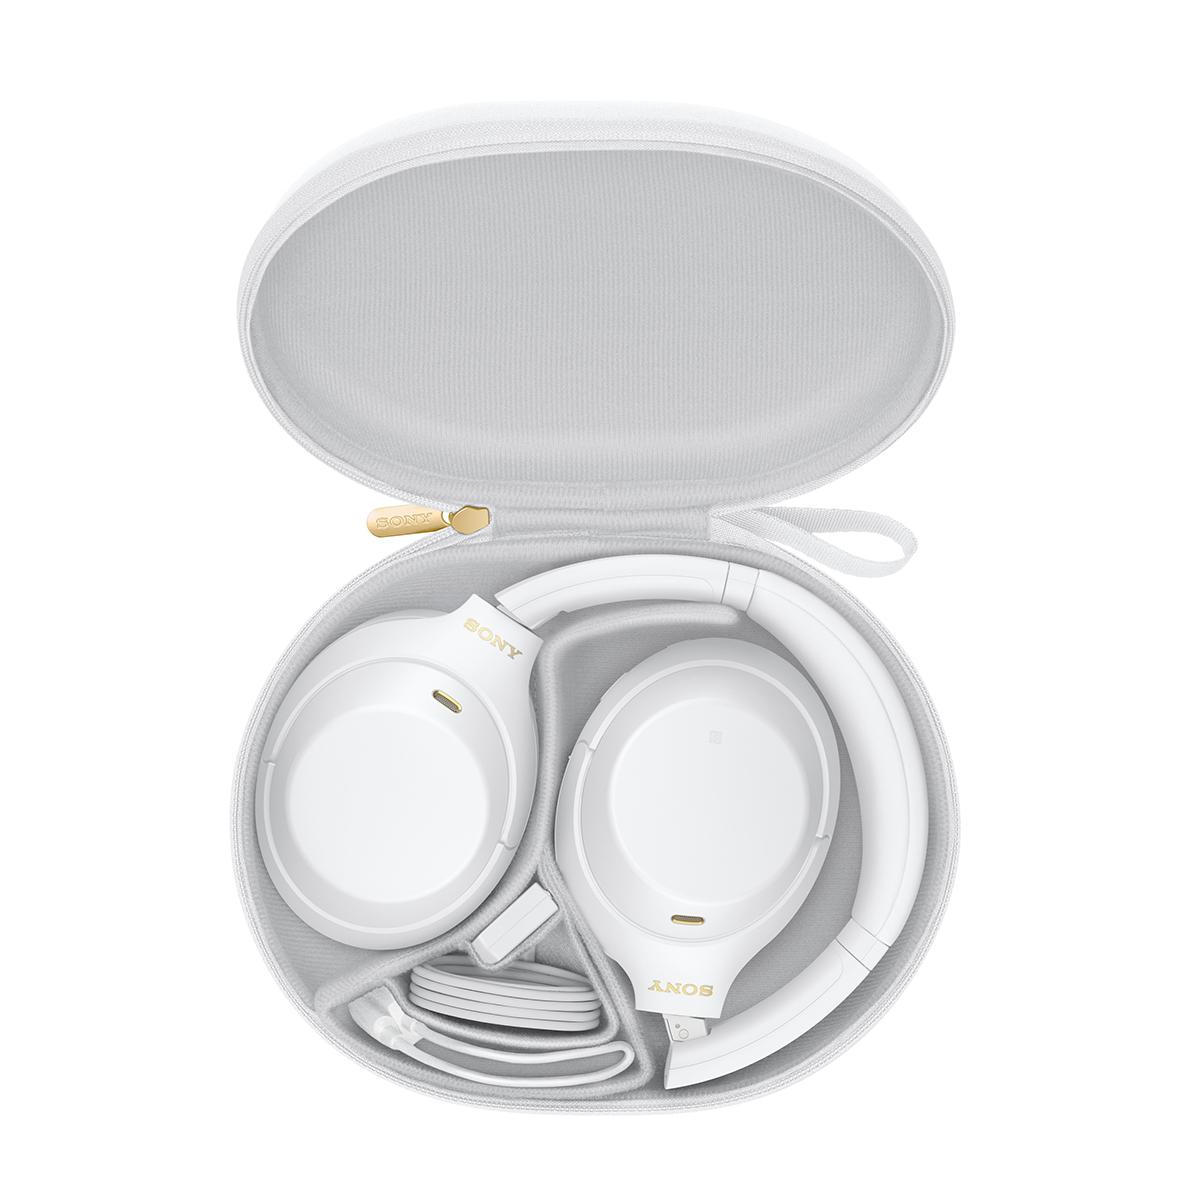 Наушники Sony WH-1000XM4W белые в чехле для безопасного хранения и транспортировки